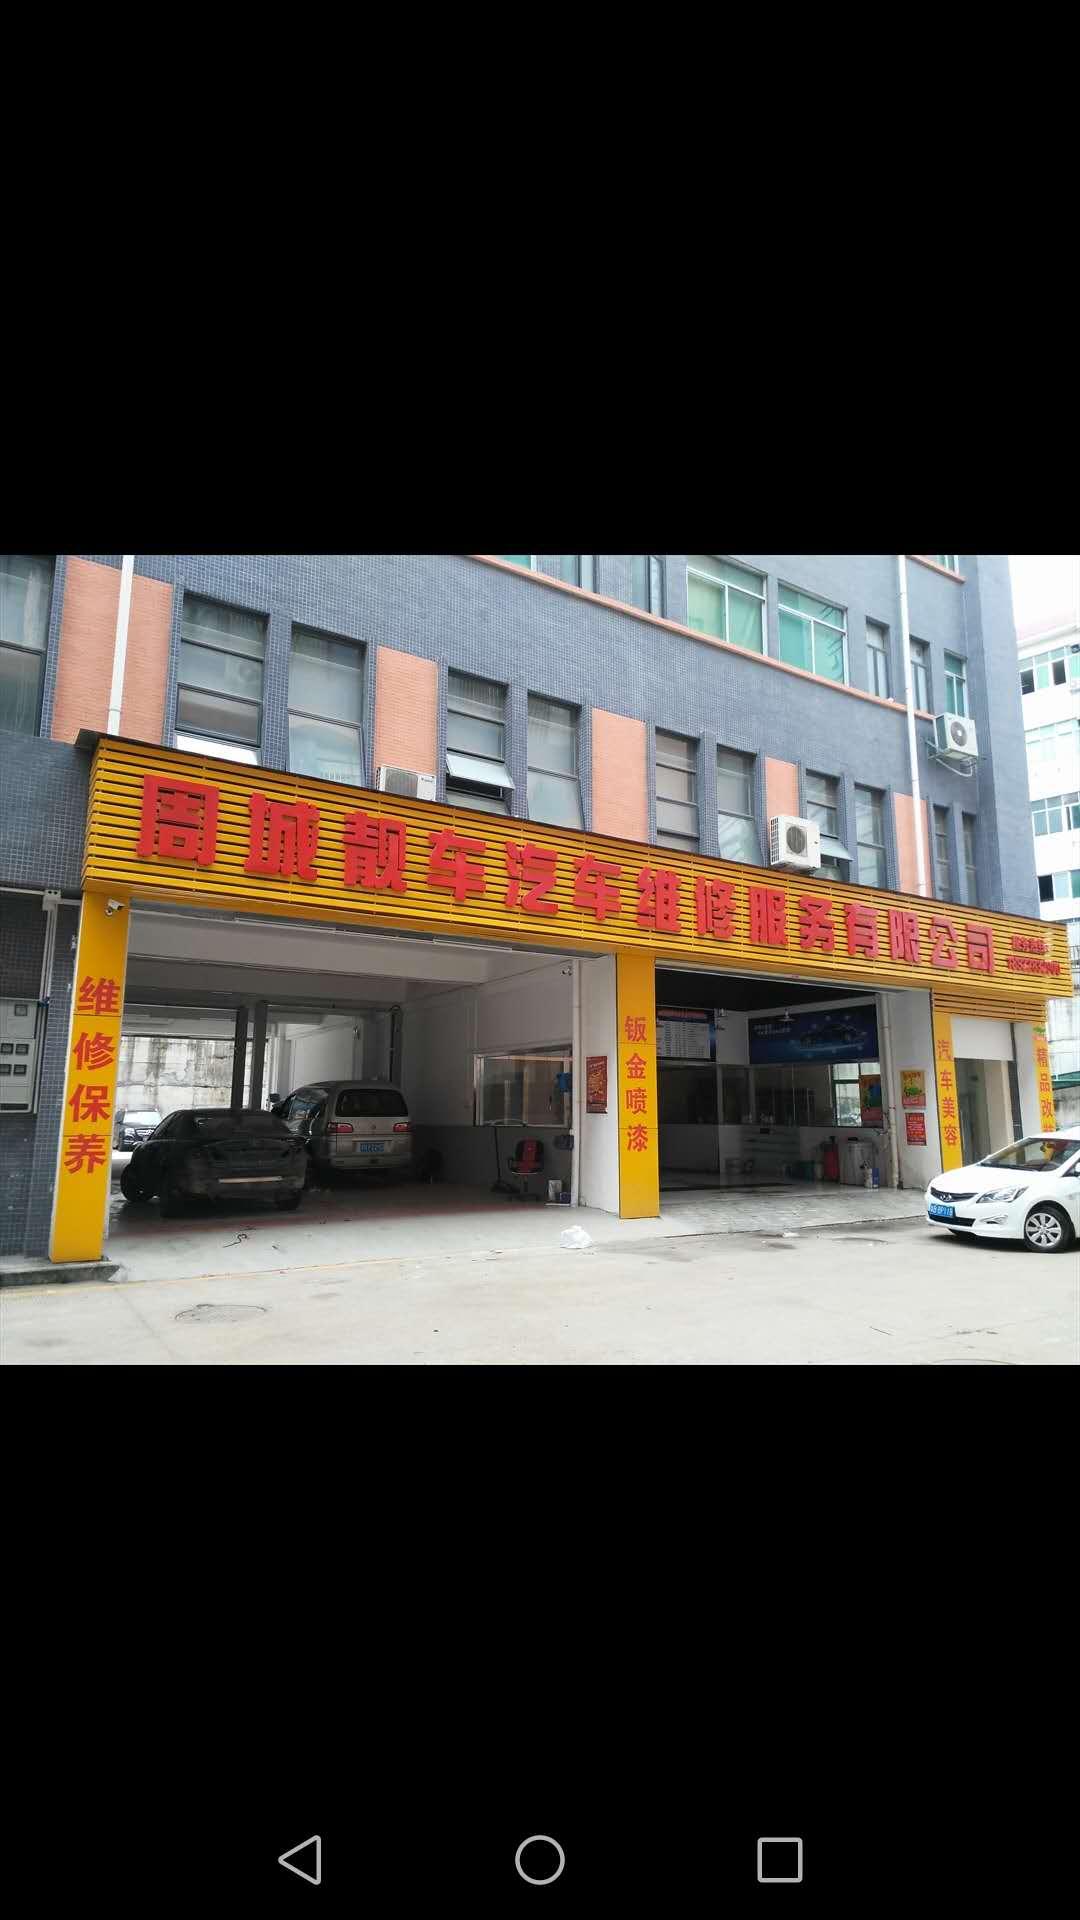 深圳市周城靓车汽车服务有限公司